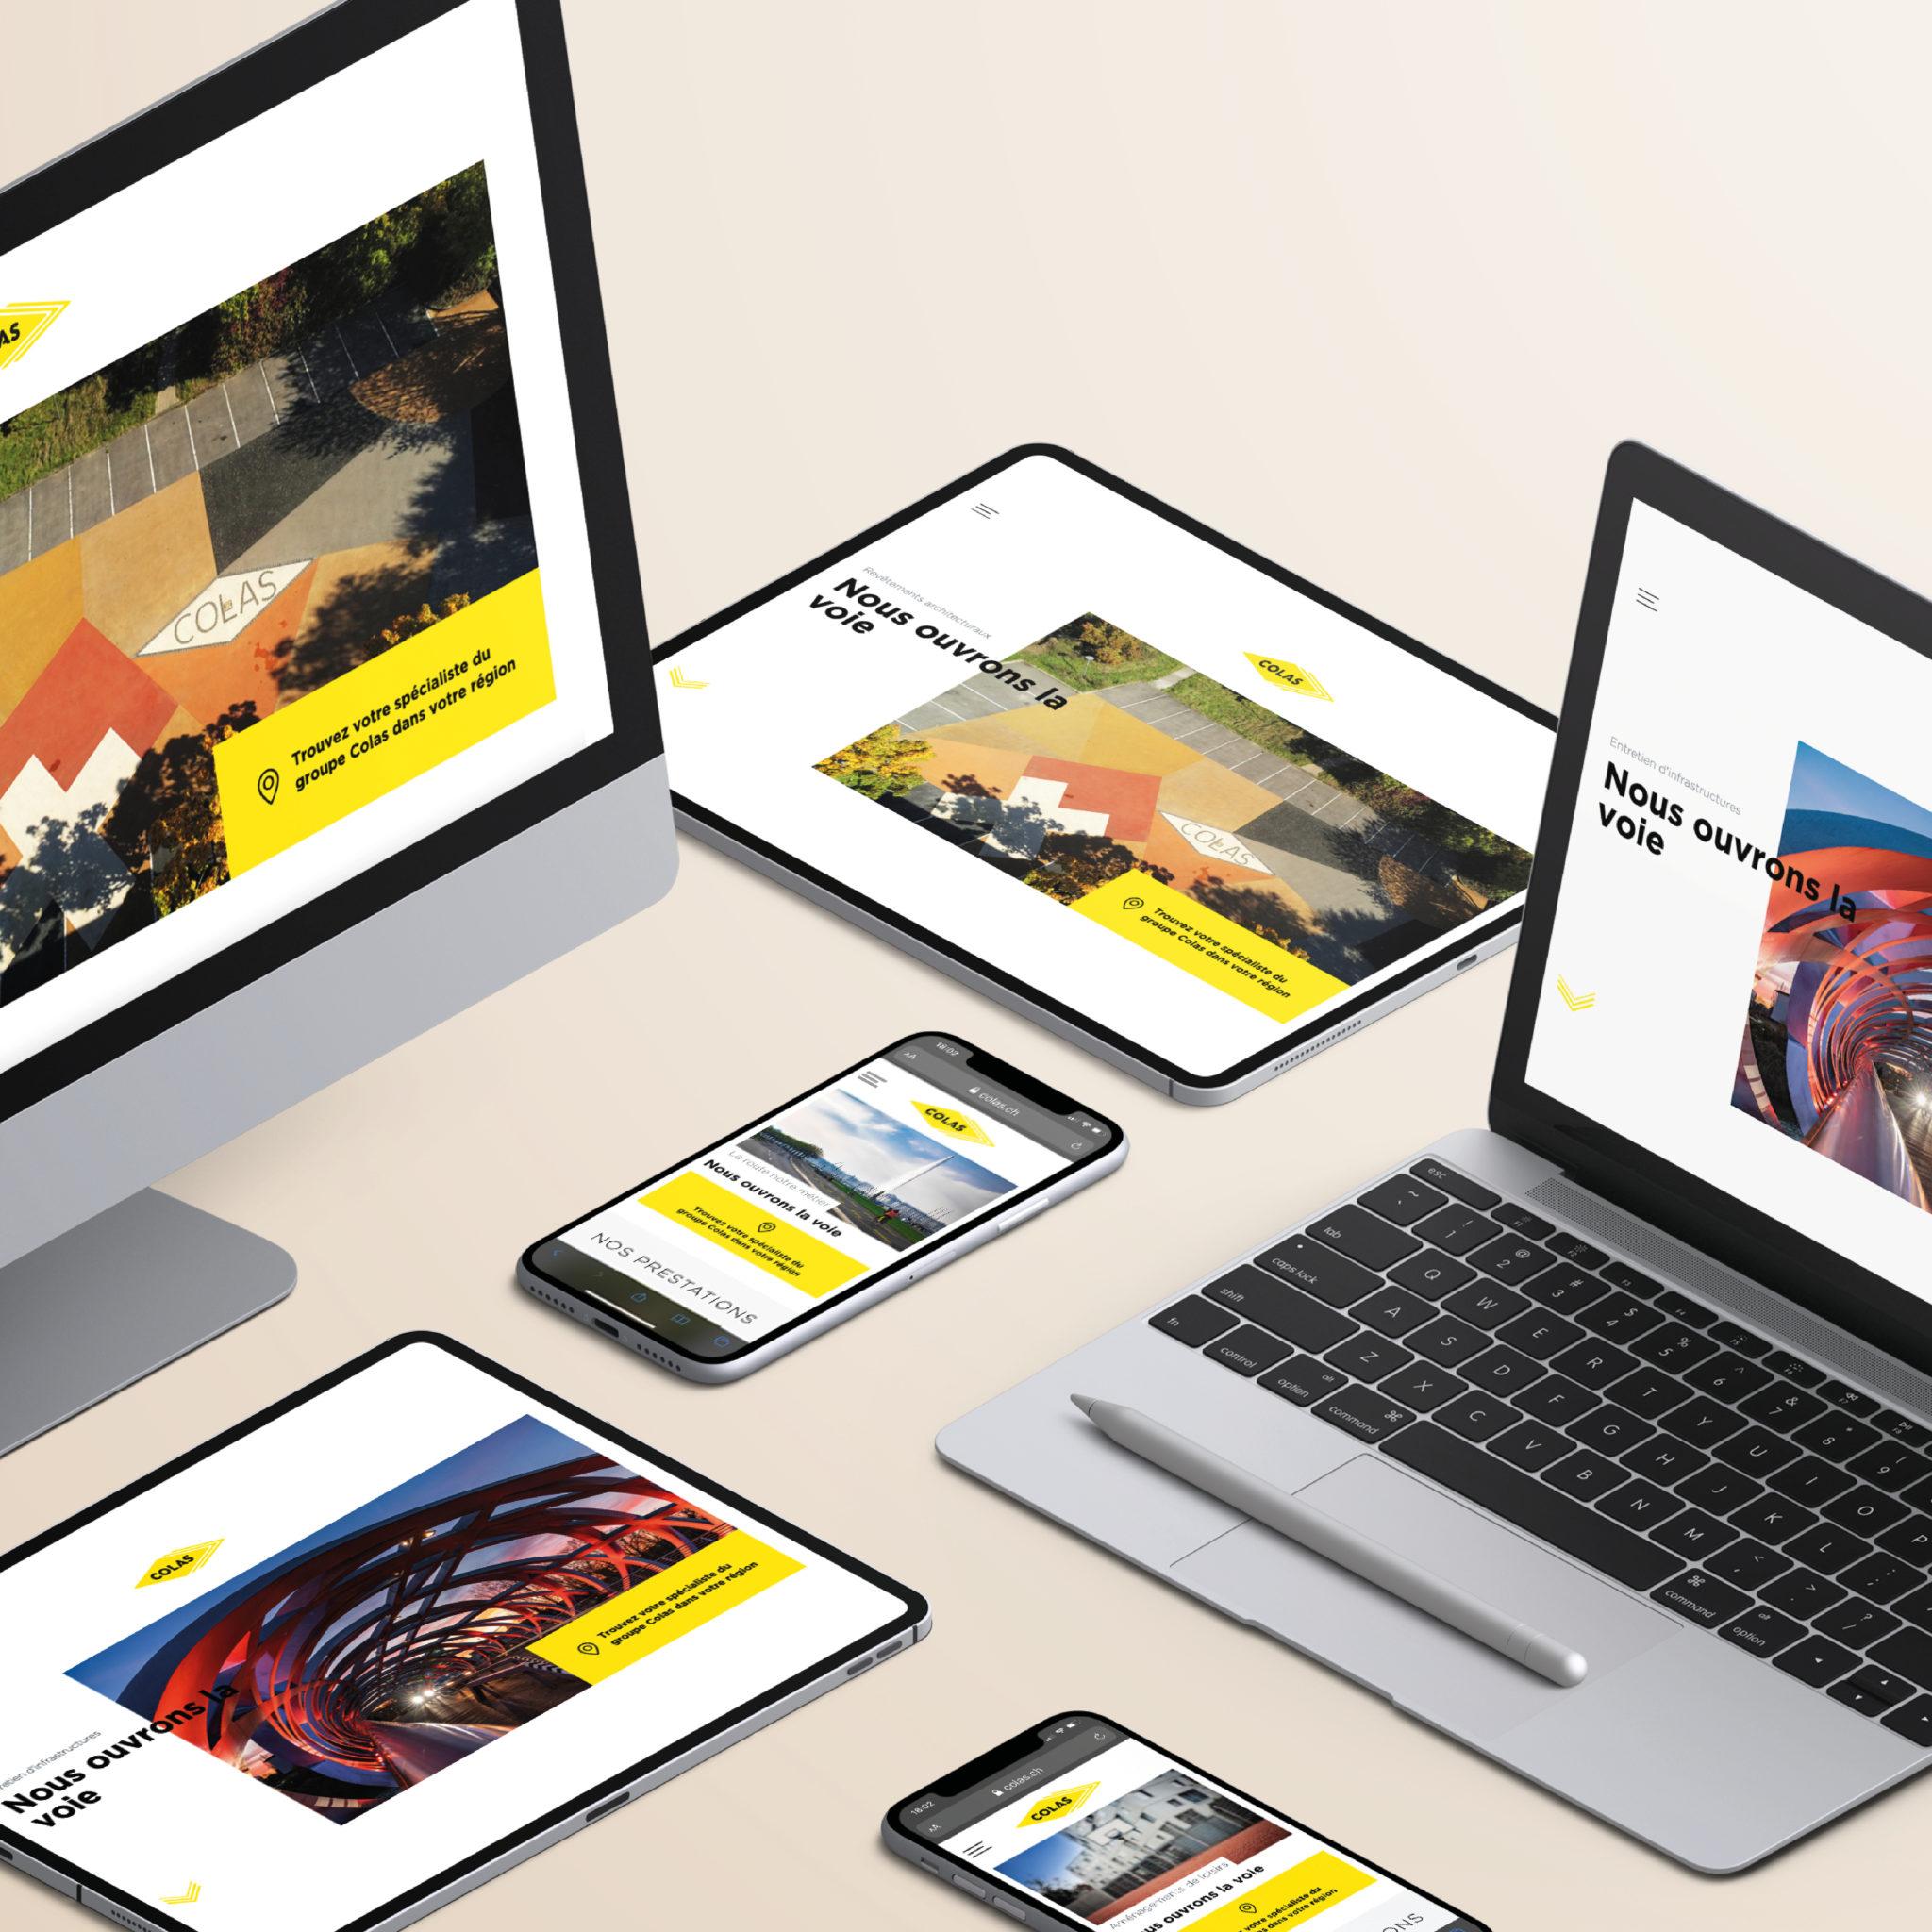 L'agence EtienneEtienne réalise le site internet de Colas Suisse